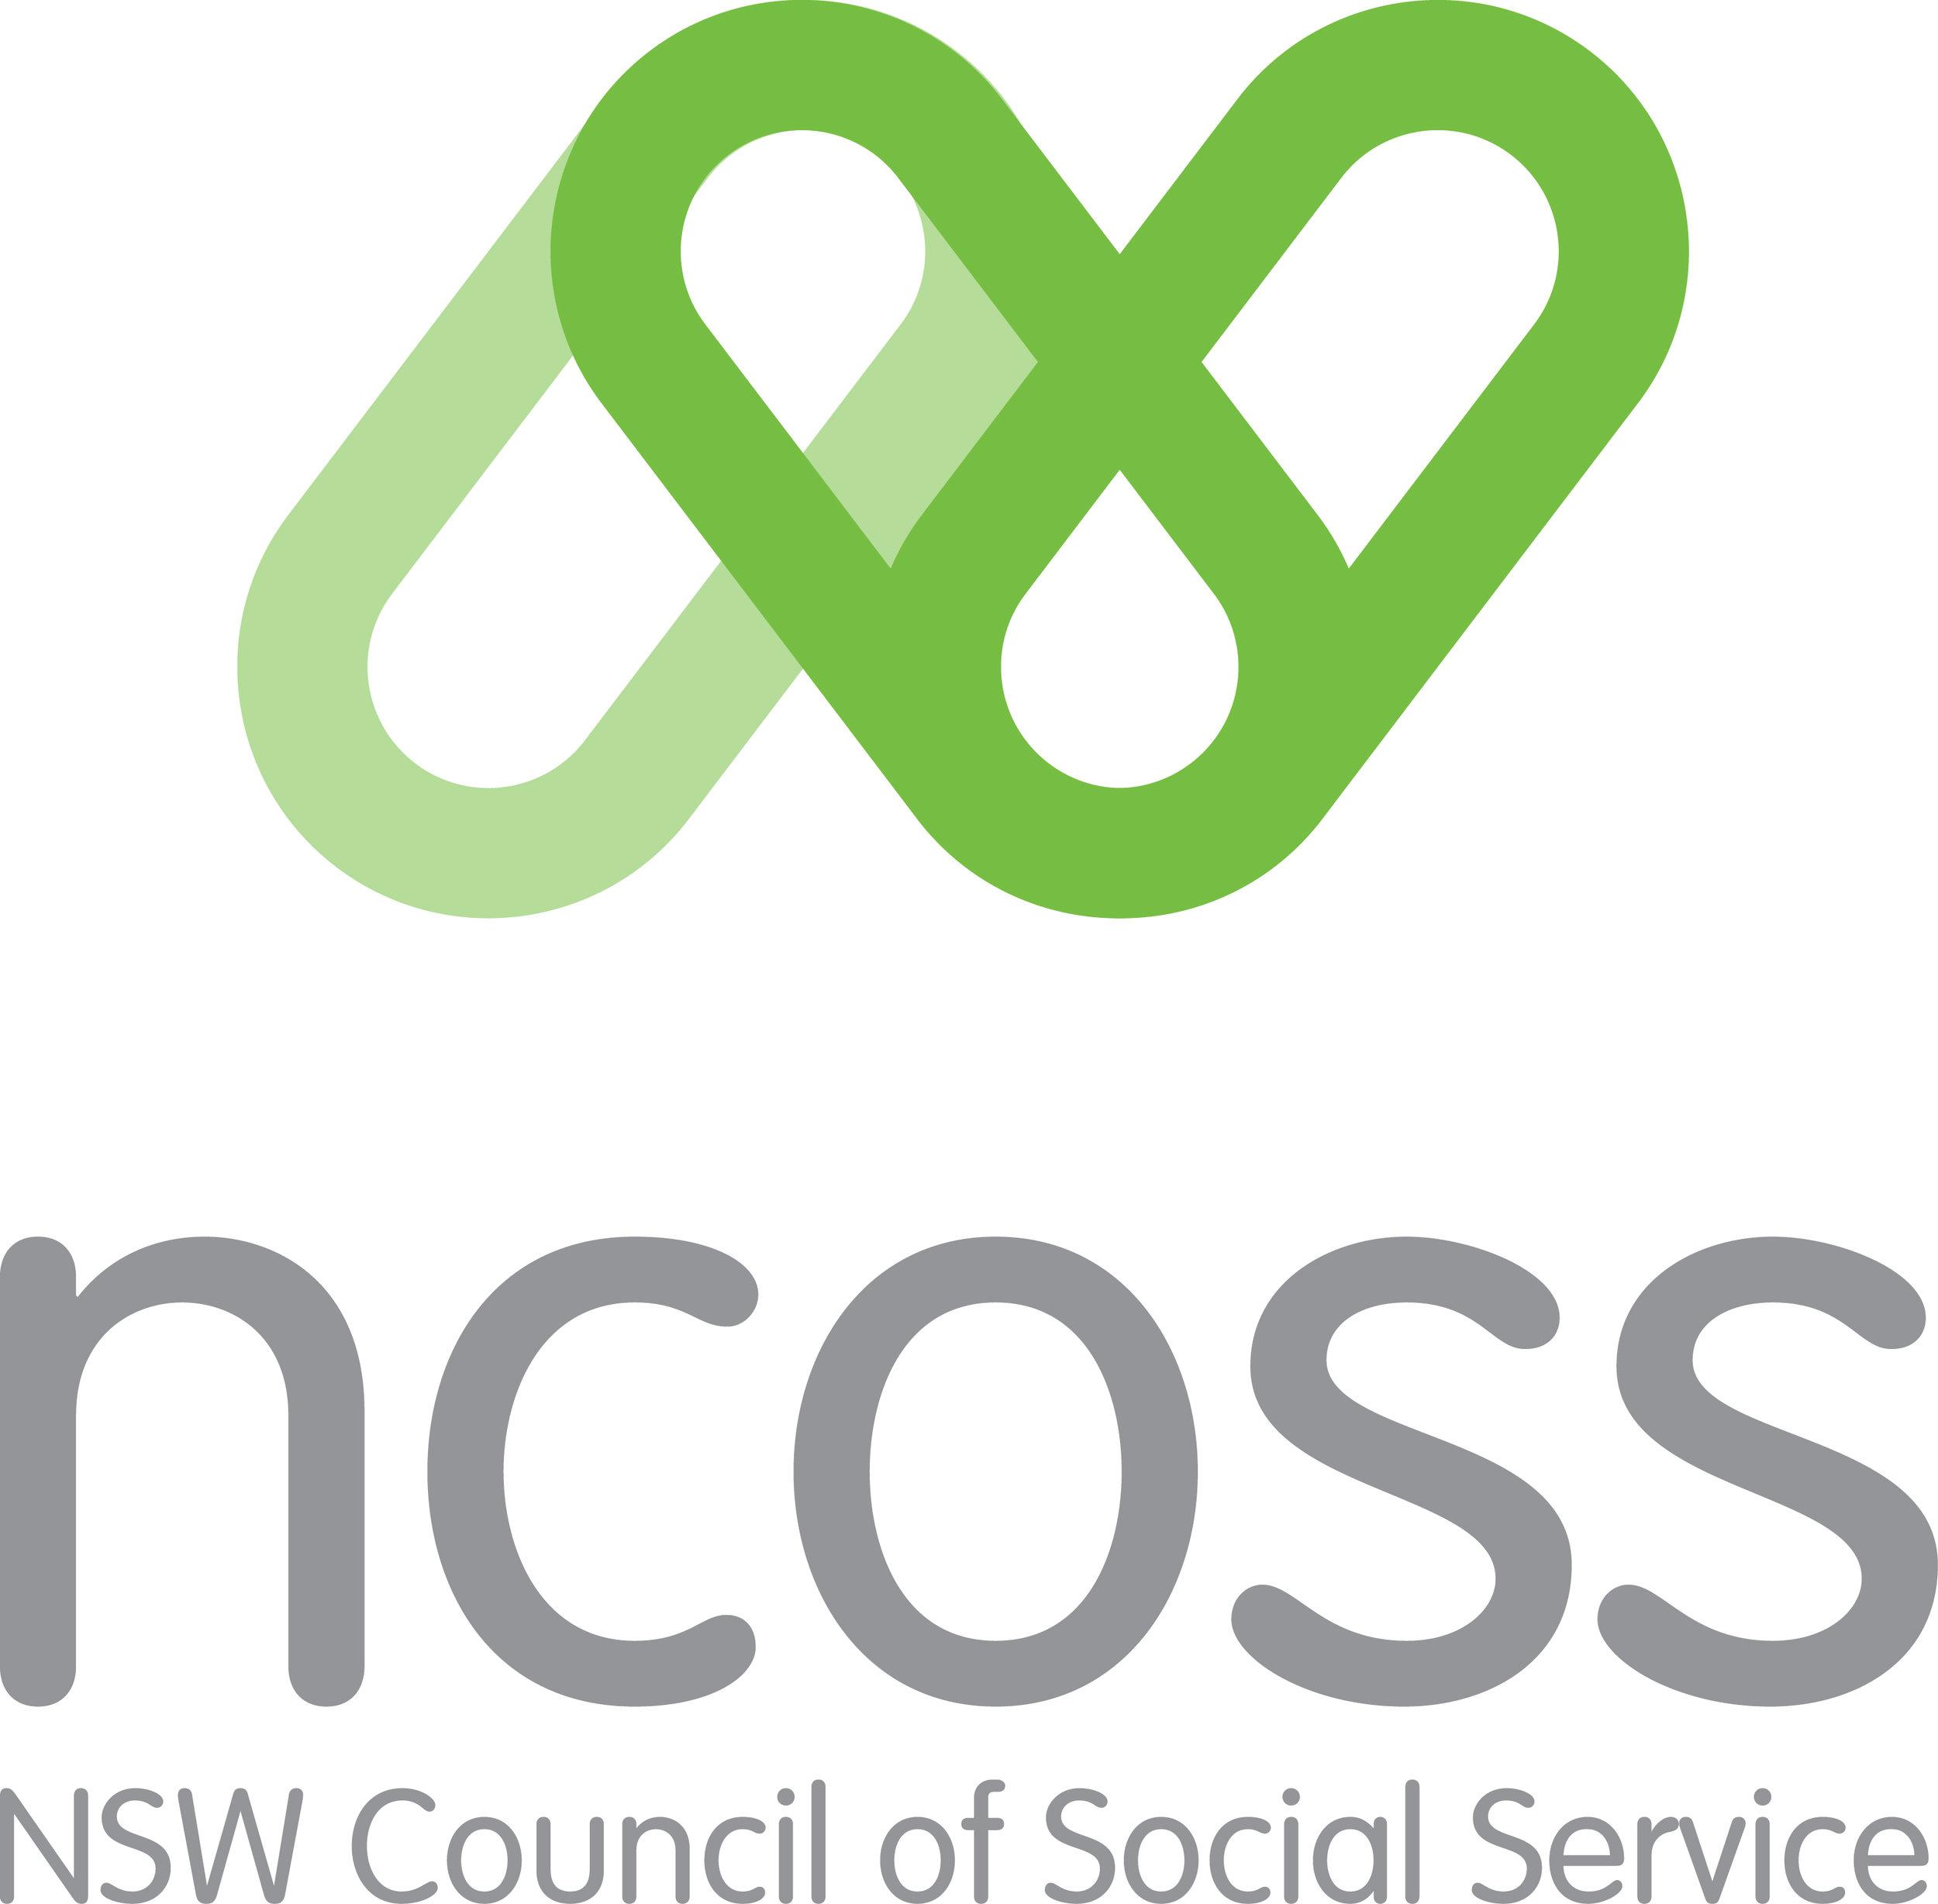 NCOSS_vert_logo.jpg